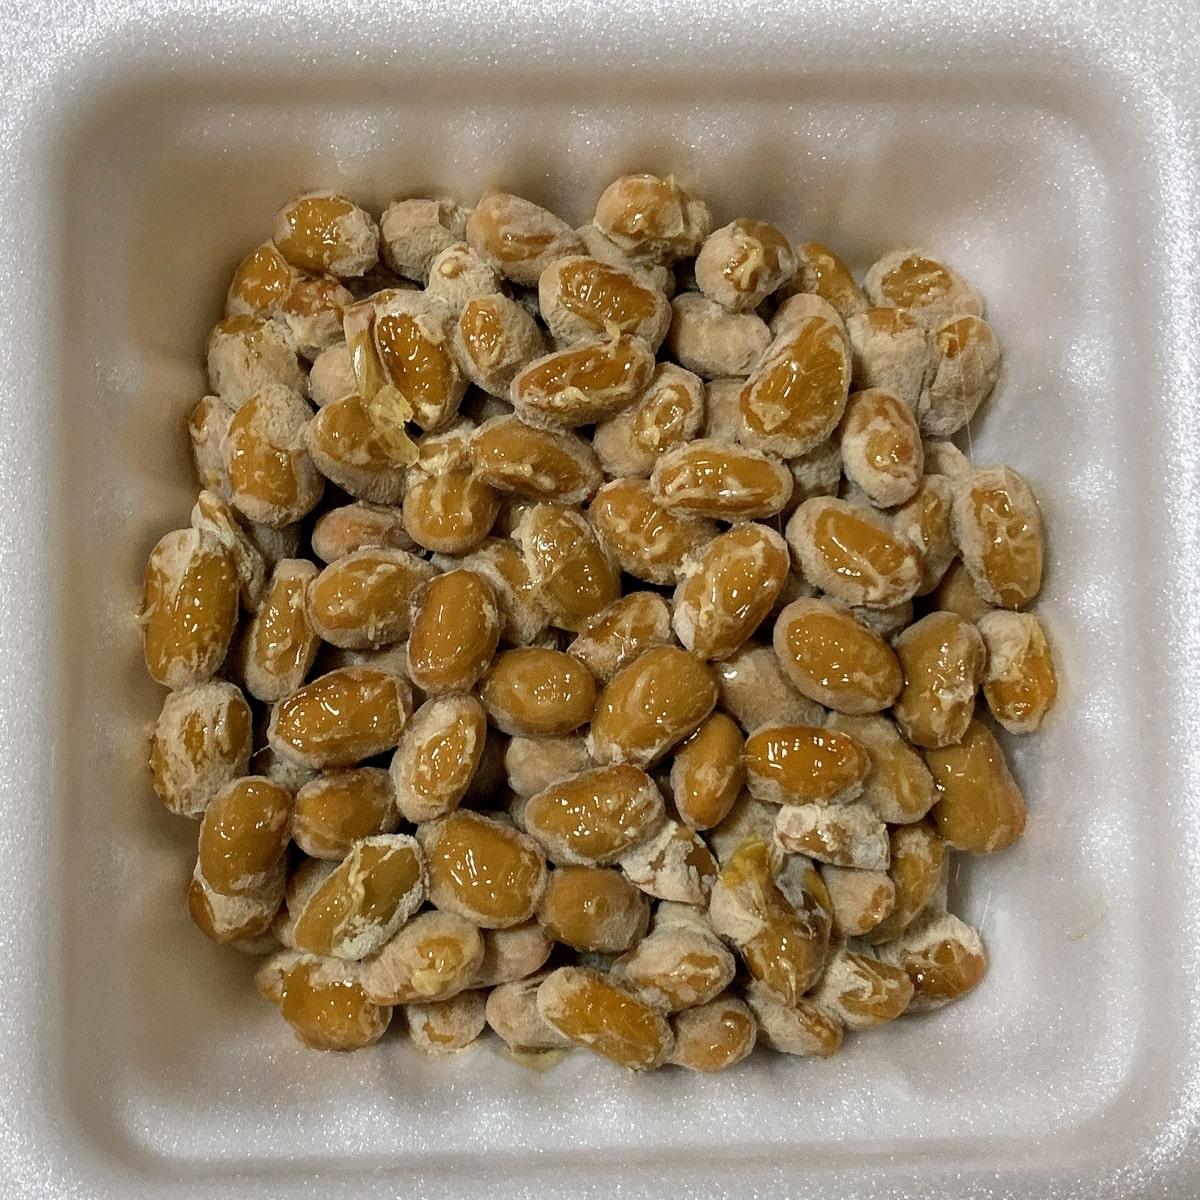 「極だし納豆」の納豆の画像